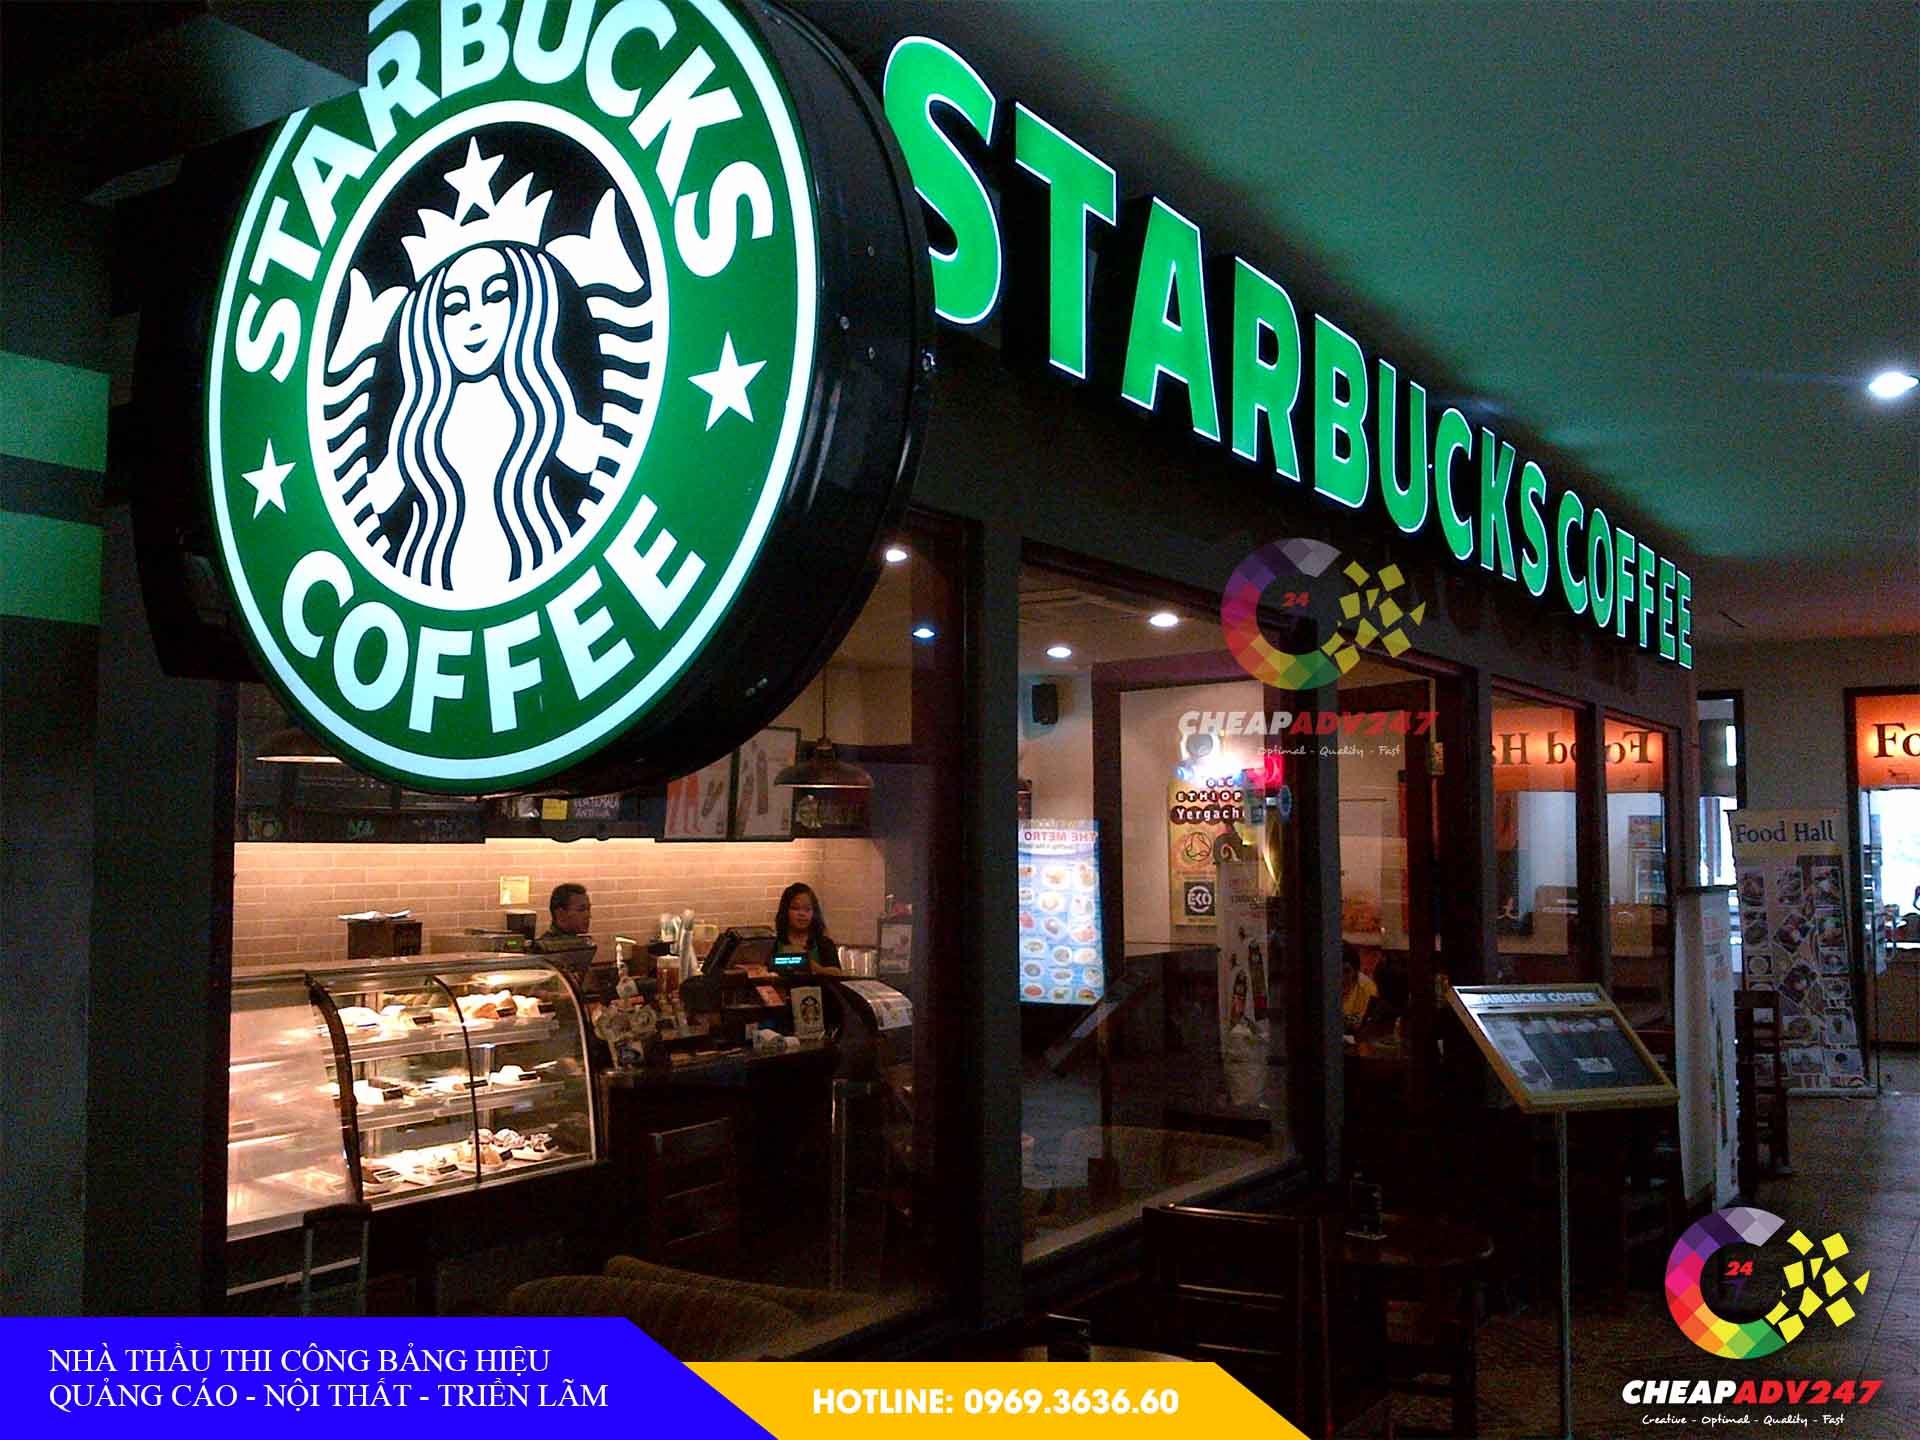 Làm Bảng hiệu hộp đèn quán cafe tại cheapadv247 - ảnh 2